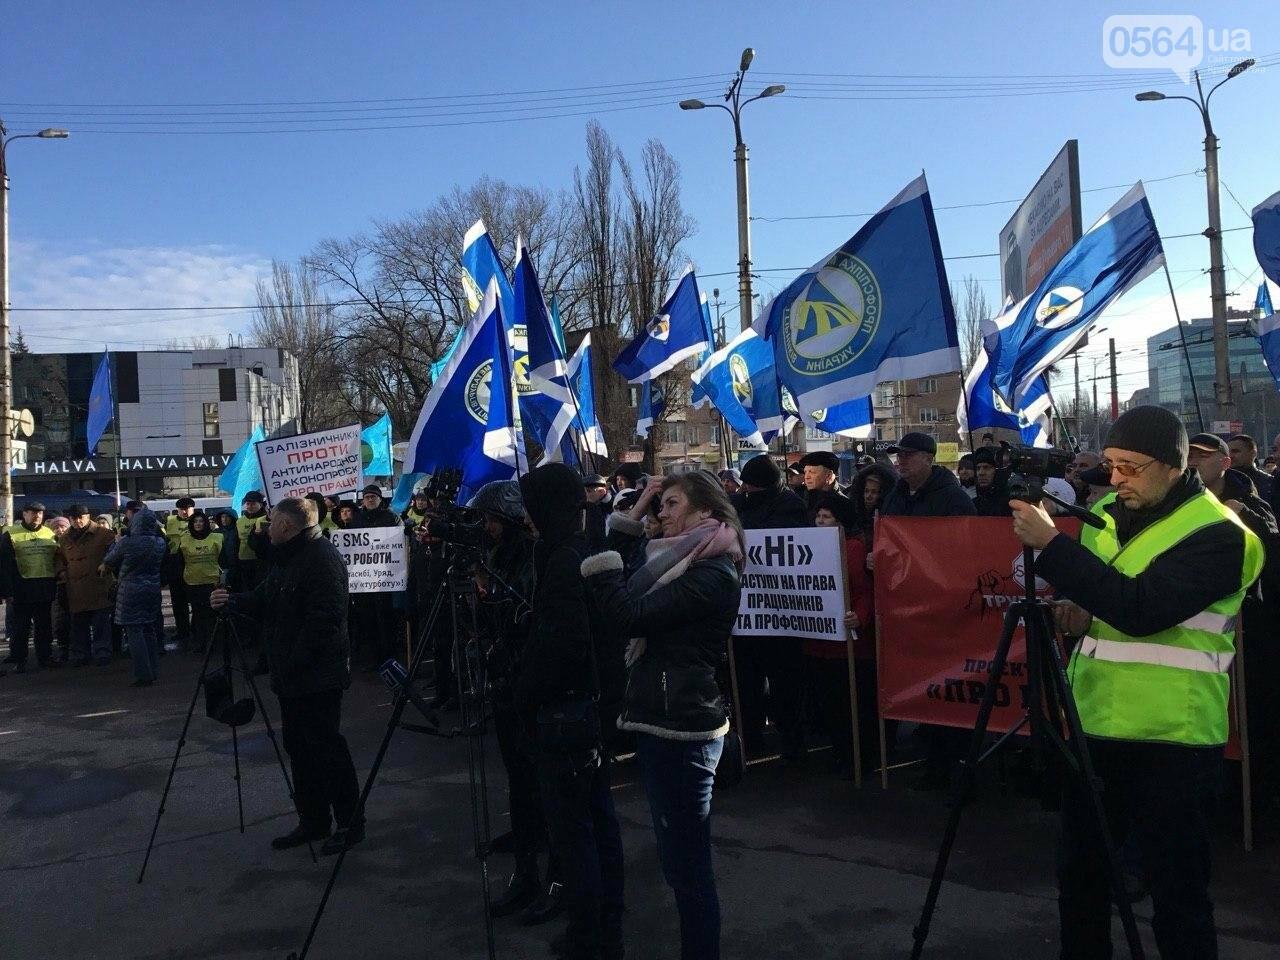 В Кривом Роге протестуют против принятия Радой нового трудового законодательства, - ФОТО, ВИДЕО, фото-18